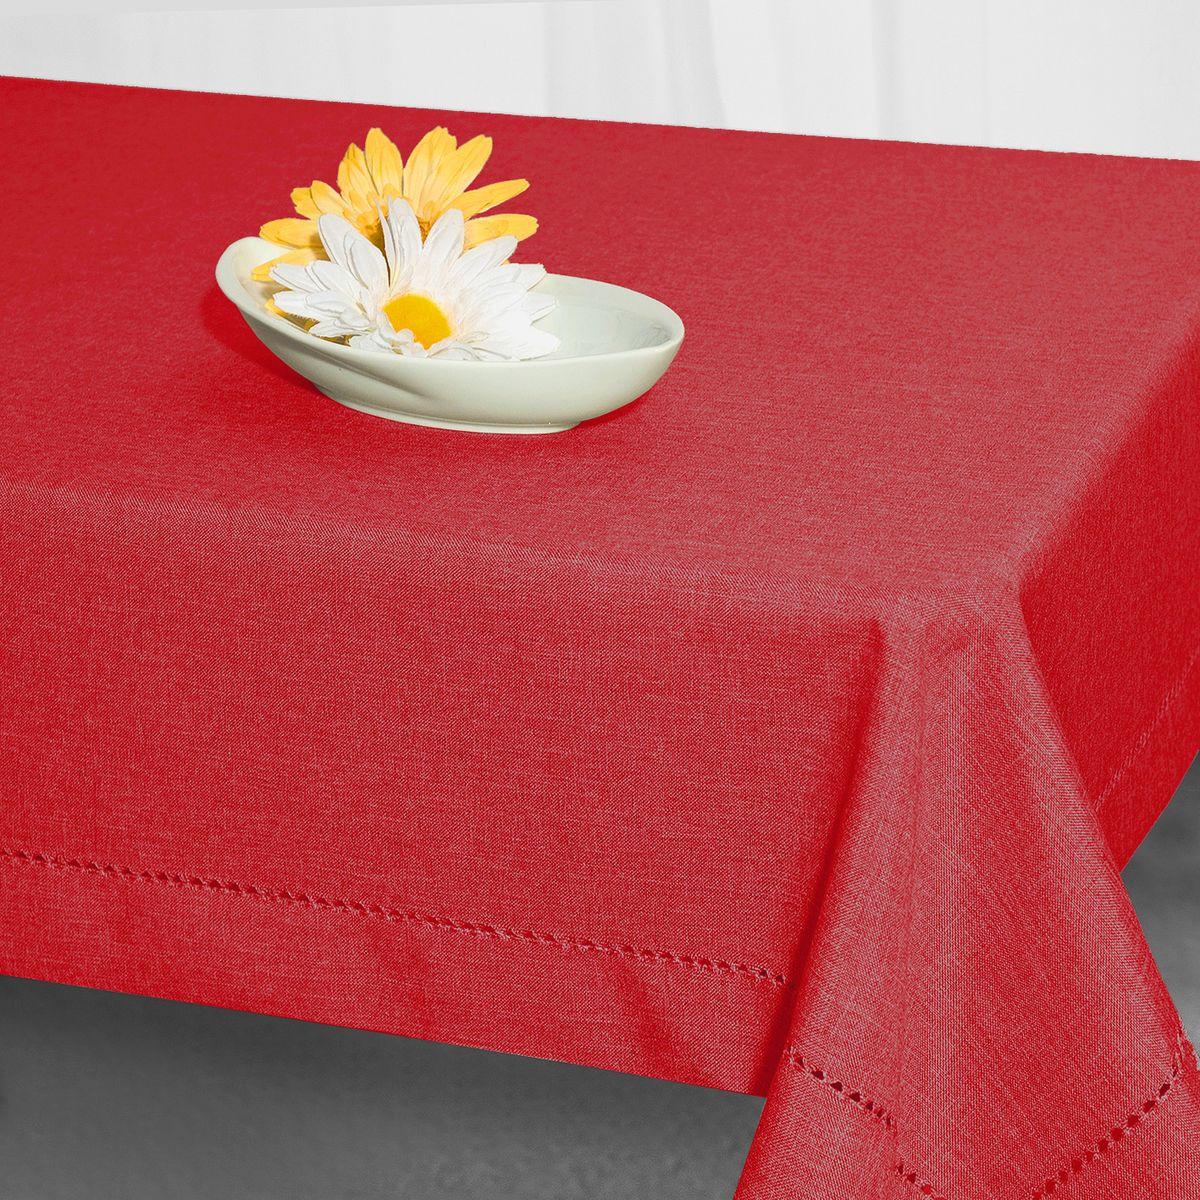 Скатерть Schaefer, прямоугольная, цвет: красный, 160 x 220 см. 07601-40807601-408Стильная скатерть Schaefer выполнена из полиэстера.Изделия из полиэстера легко стирать: они не мнутся, не садятся и быстро сохнут, они более долговечны, чем изделия из натуральных волокон.Немецкая компания Schaefer создана в 1921 году. На протяжении всего времени существования она создает уникальные коллекции домашнего текстиля для гостиных, спален, кухонь и ванных комнат. Дизайнерские идеи немецких художников компании Schaefer воплощаются в текстильных изделиях, которые сделают ваш дом красивее и уютнее и не останутся незамеченными вашими гостями. Дарите себе и близким красоту каждый день!